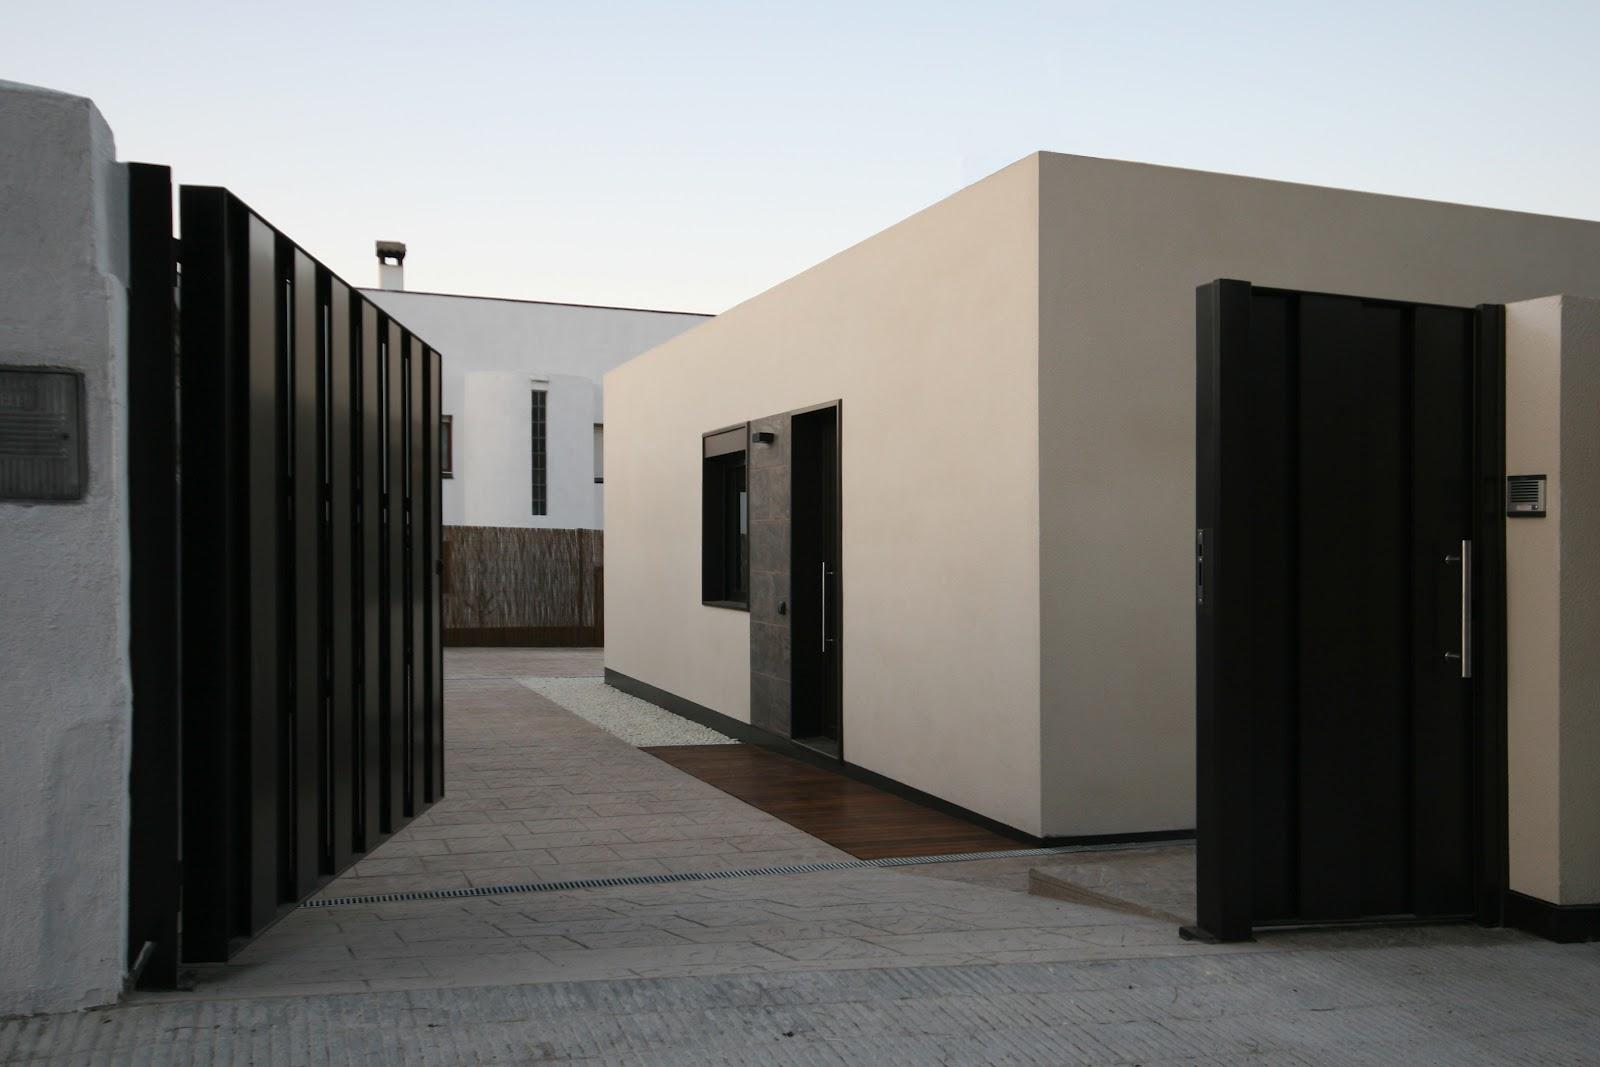 Casas modulares blochouse casas modulares blochouse modelo 1 - Construccion modular hormigon ...